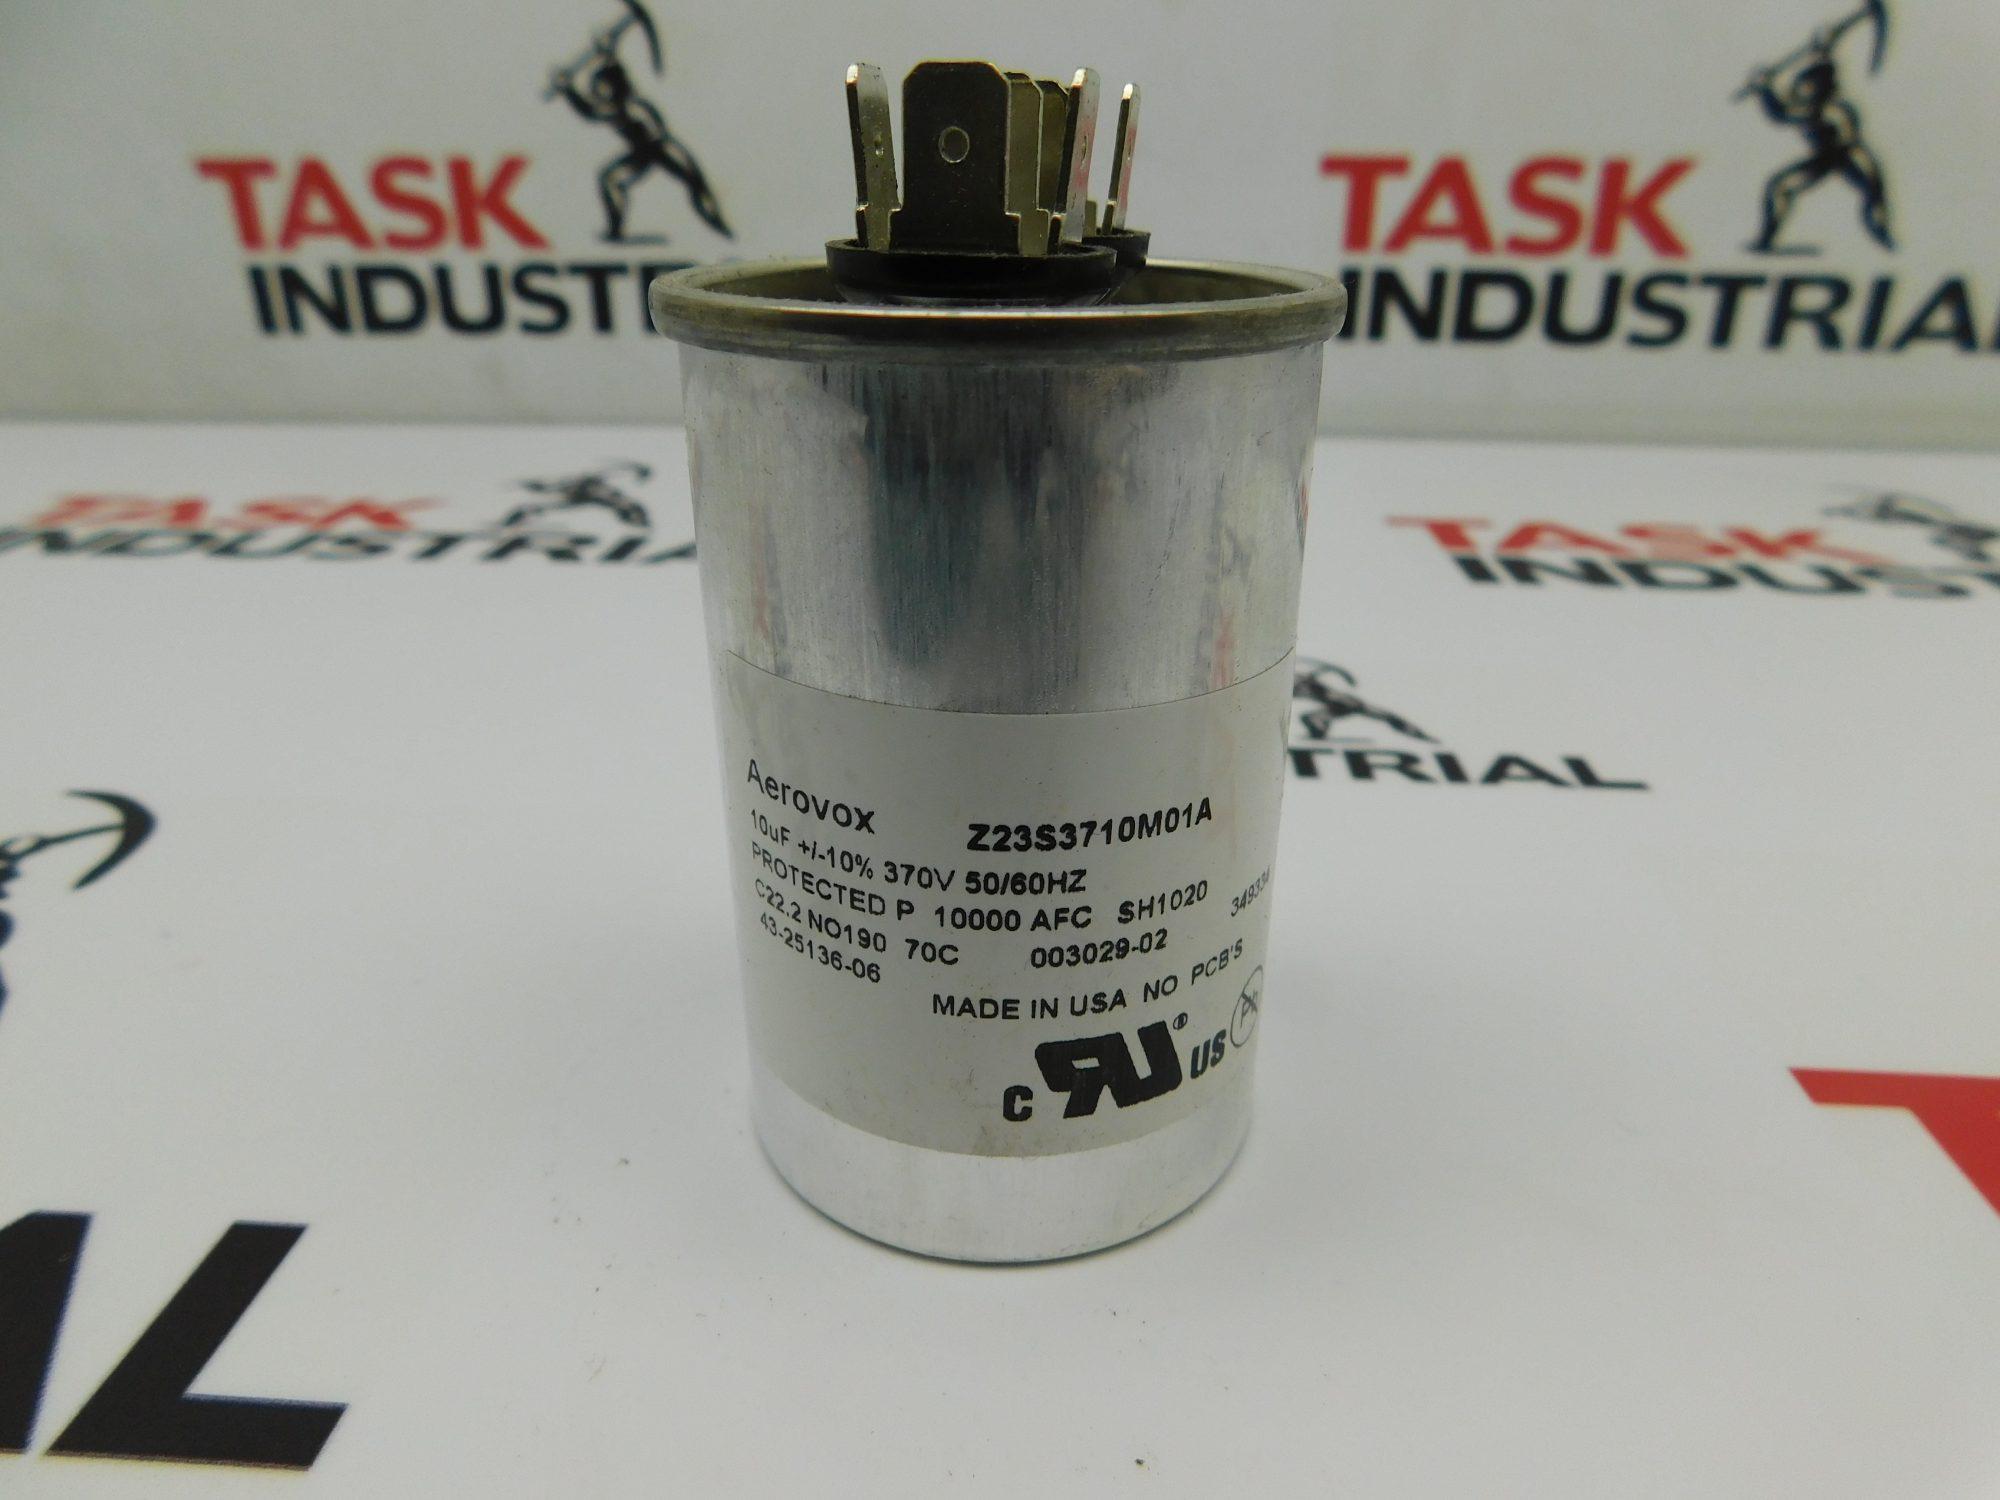 Aerovox Z23S3710M01A 10UF 270V 50/60Hz Capacitor